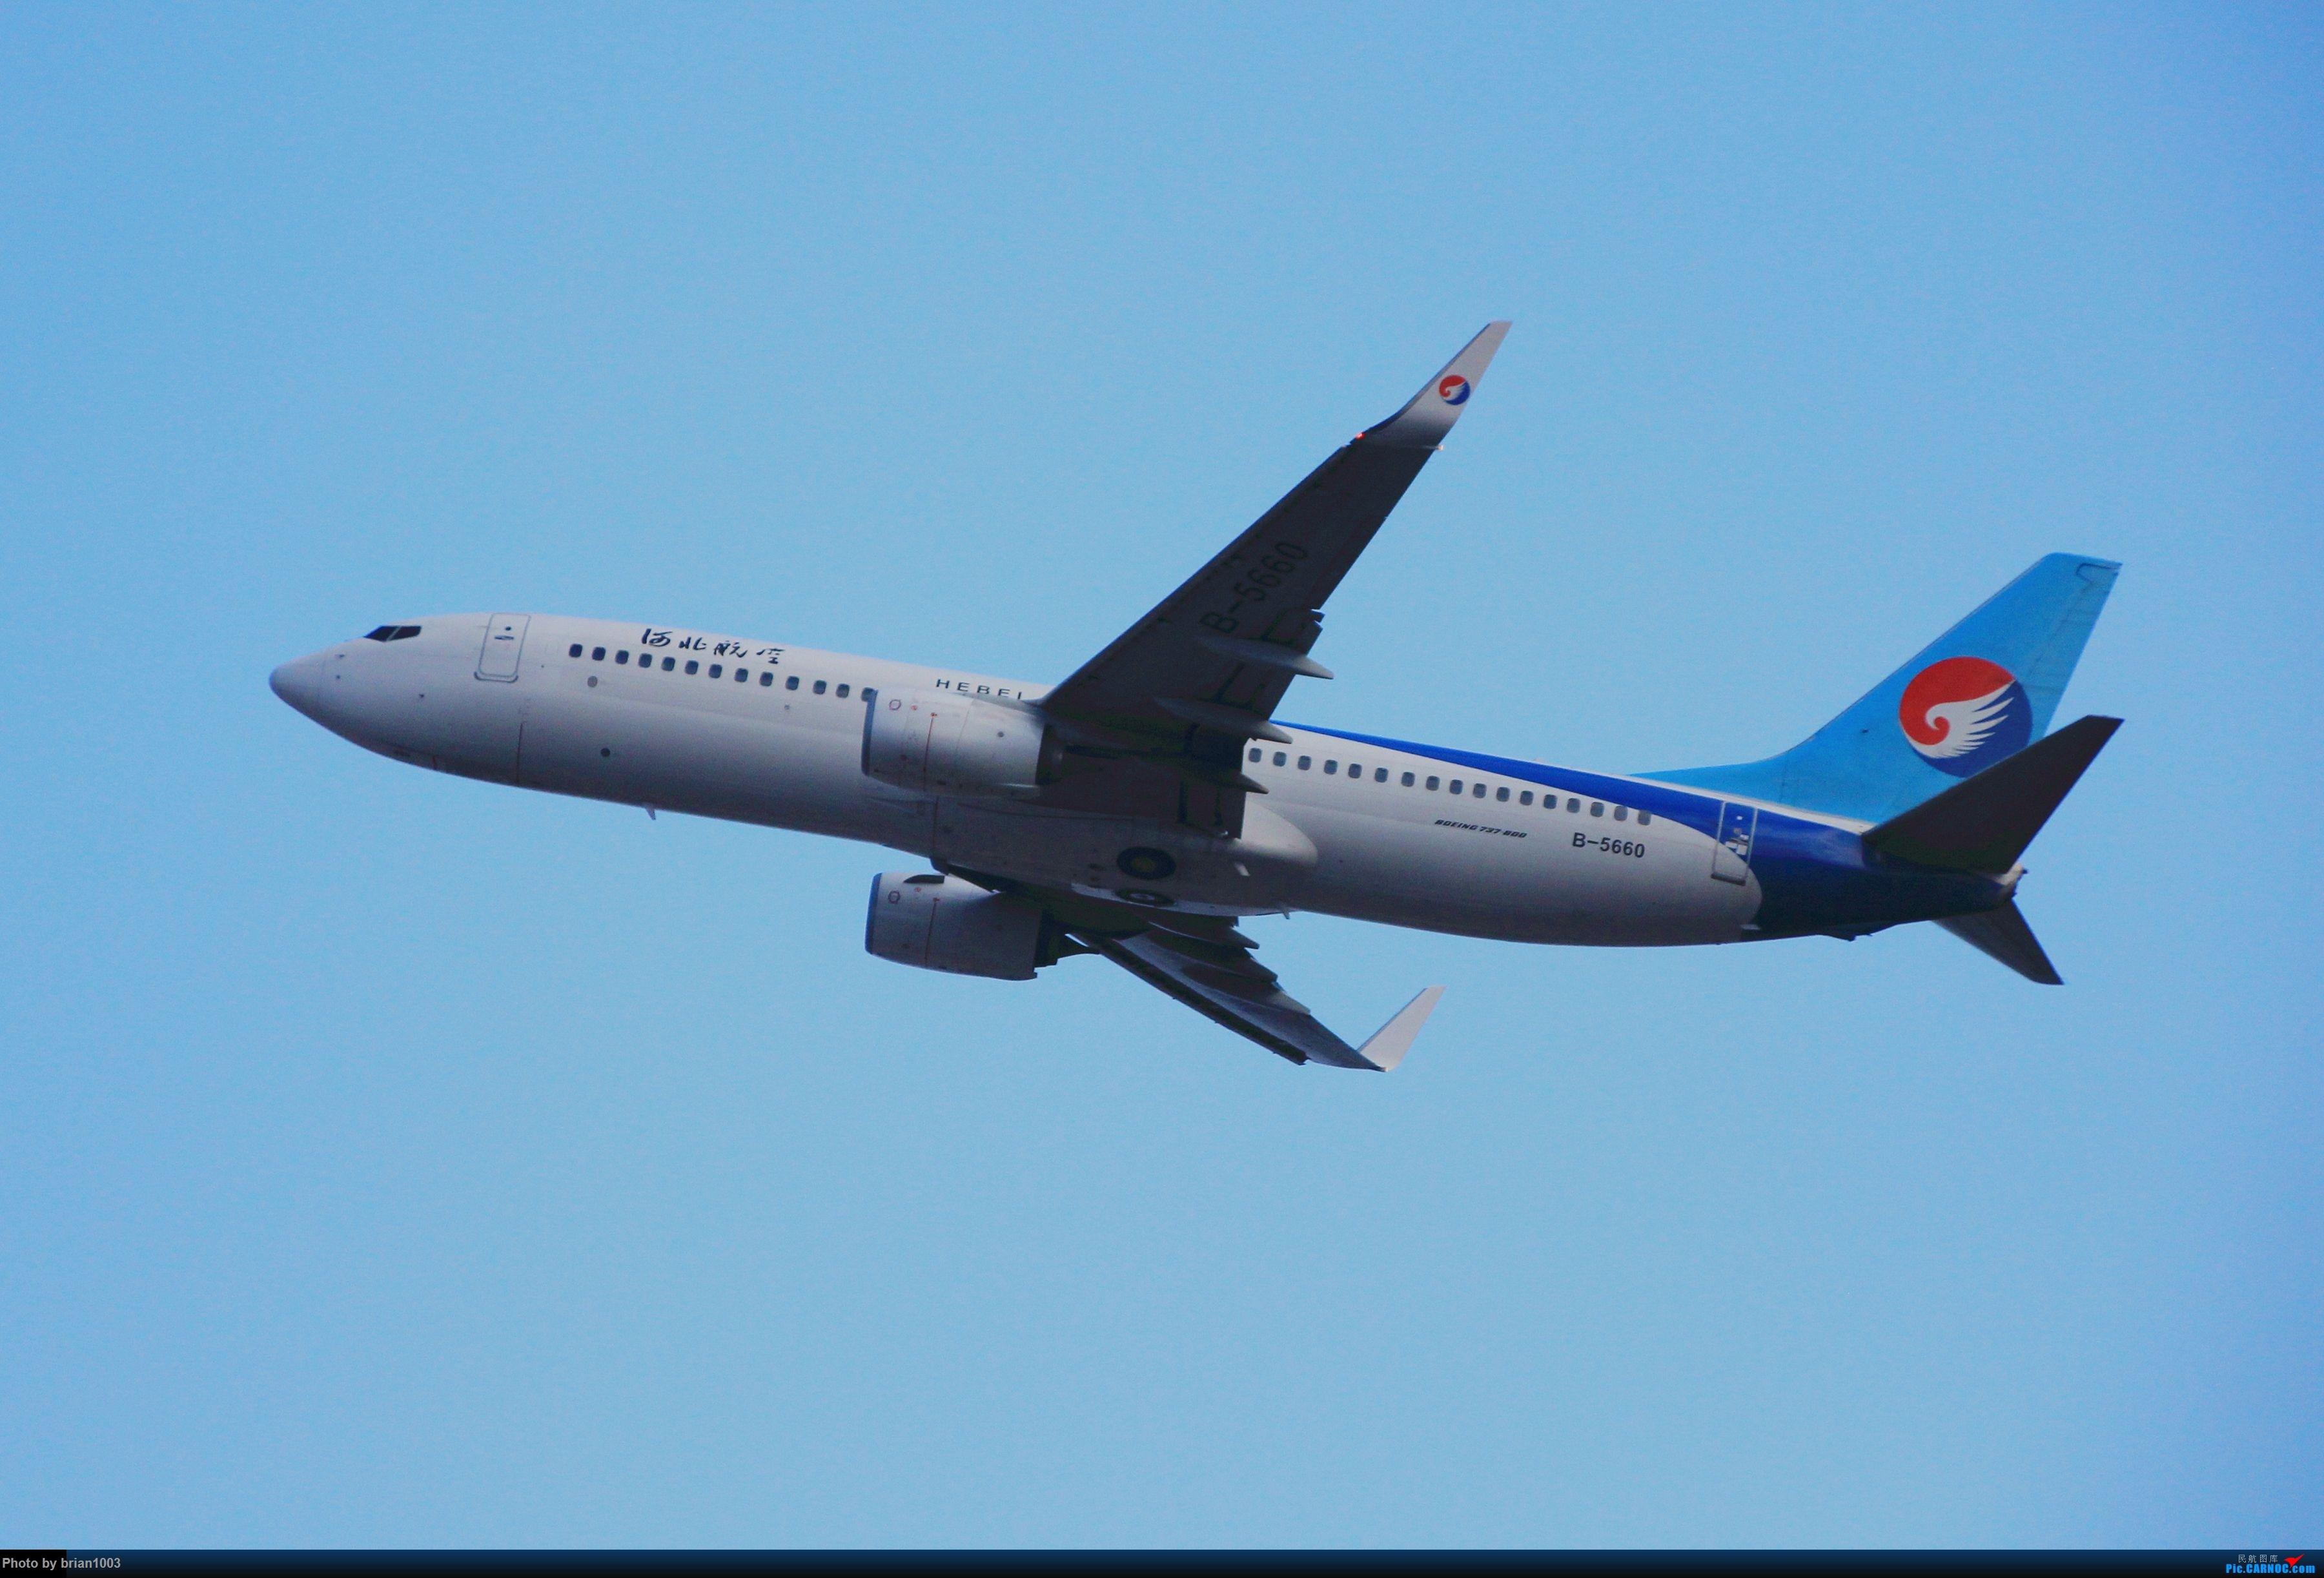 Re:[原创]WUH武汉天河机场拍机之精彩满满的十月(还可能更新) BOEING 737-800 B-5660 中国武汉天河国际机场